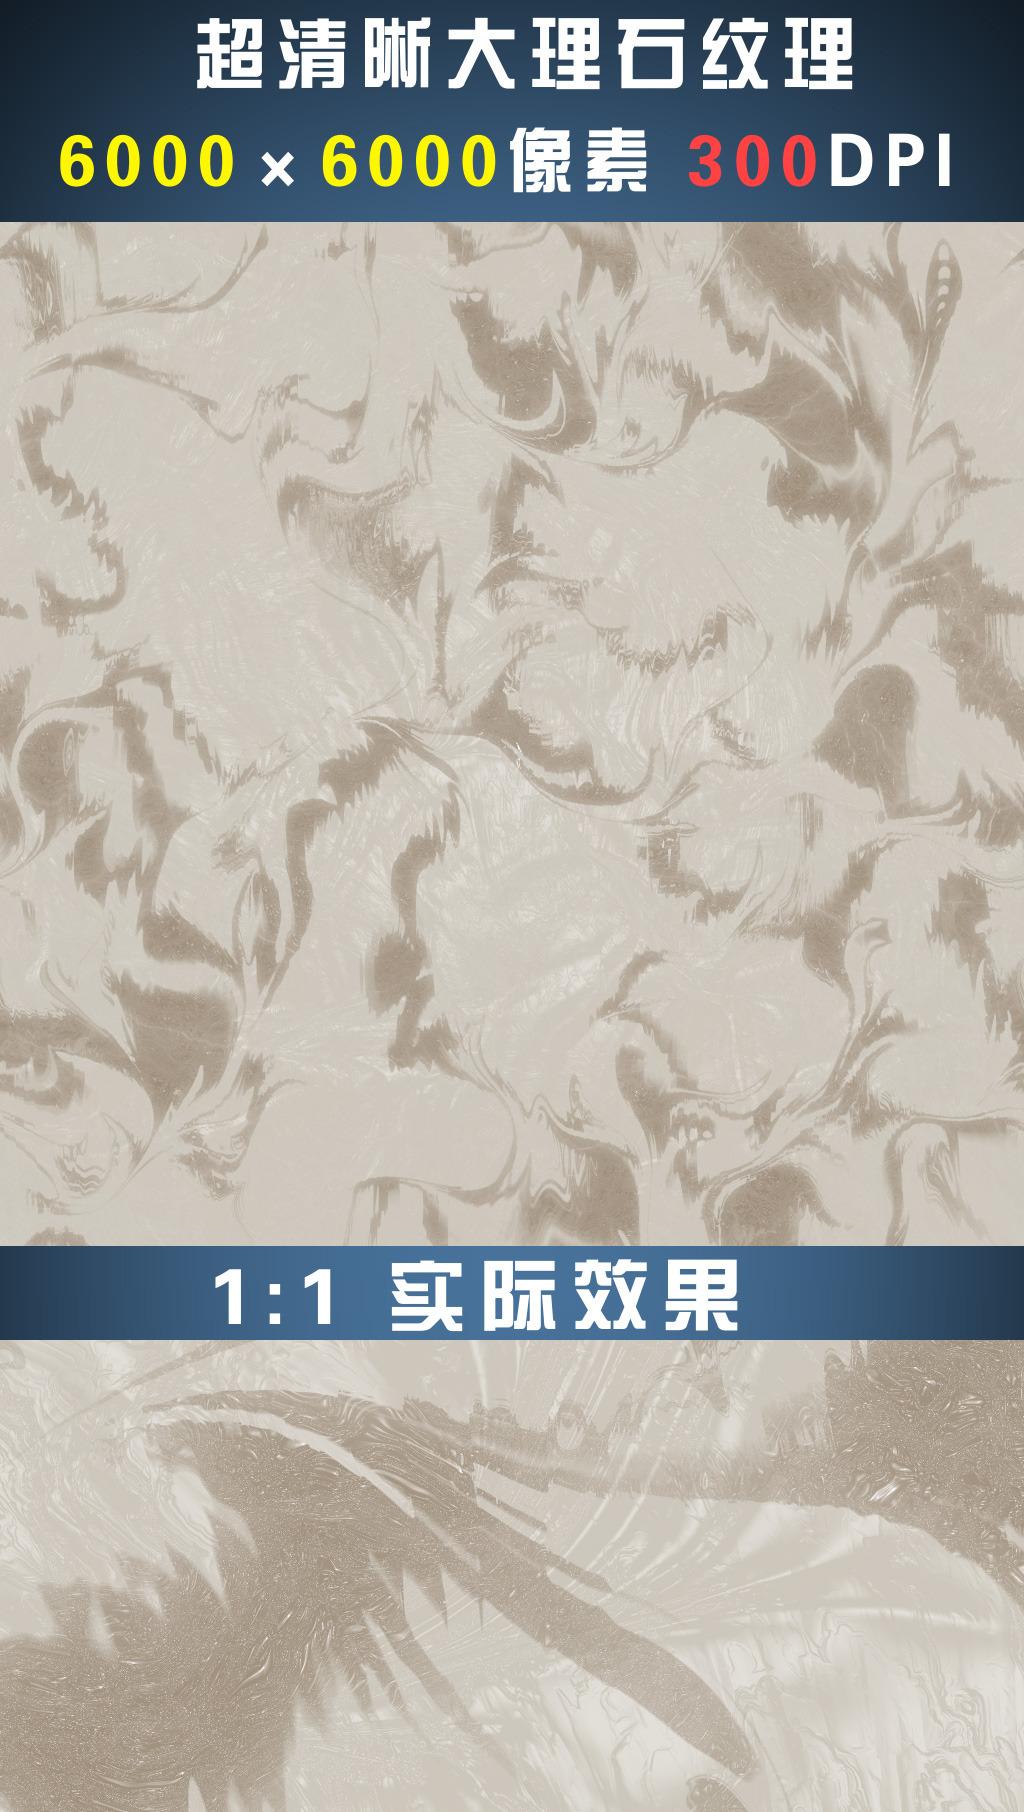 贴图 大理石/[版权图片]阿芙蓉米黄大理石纹理大理石贴图